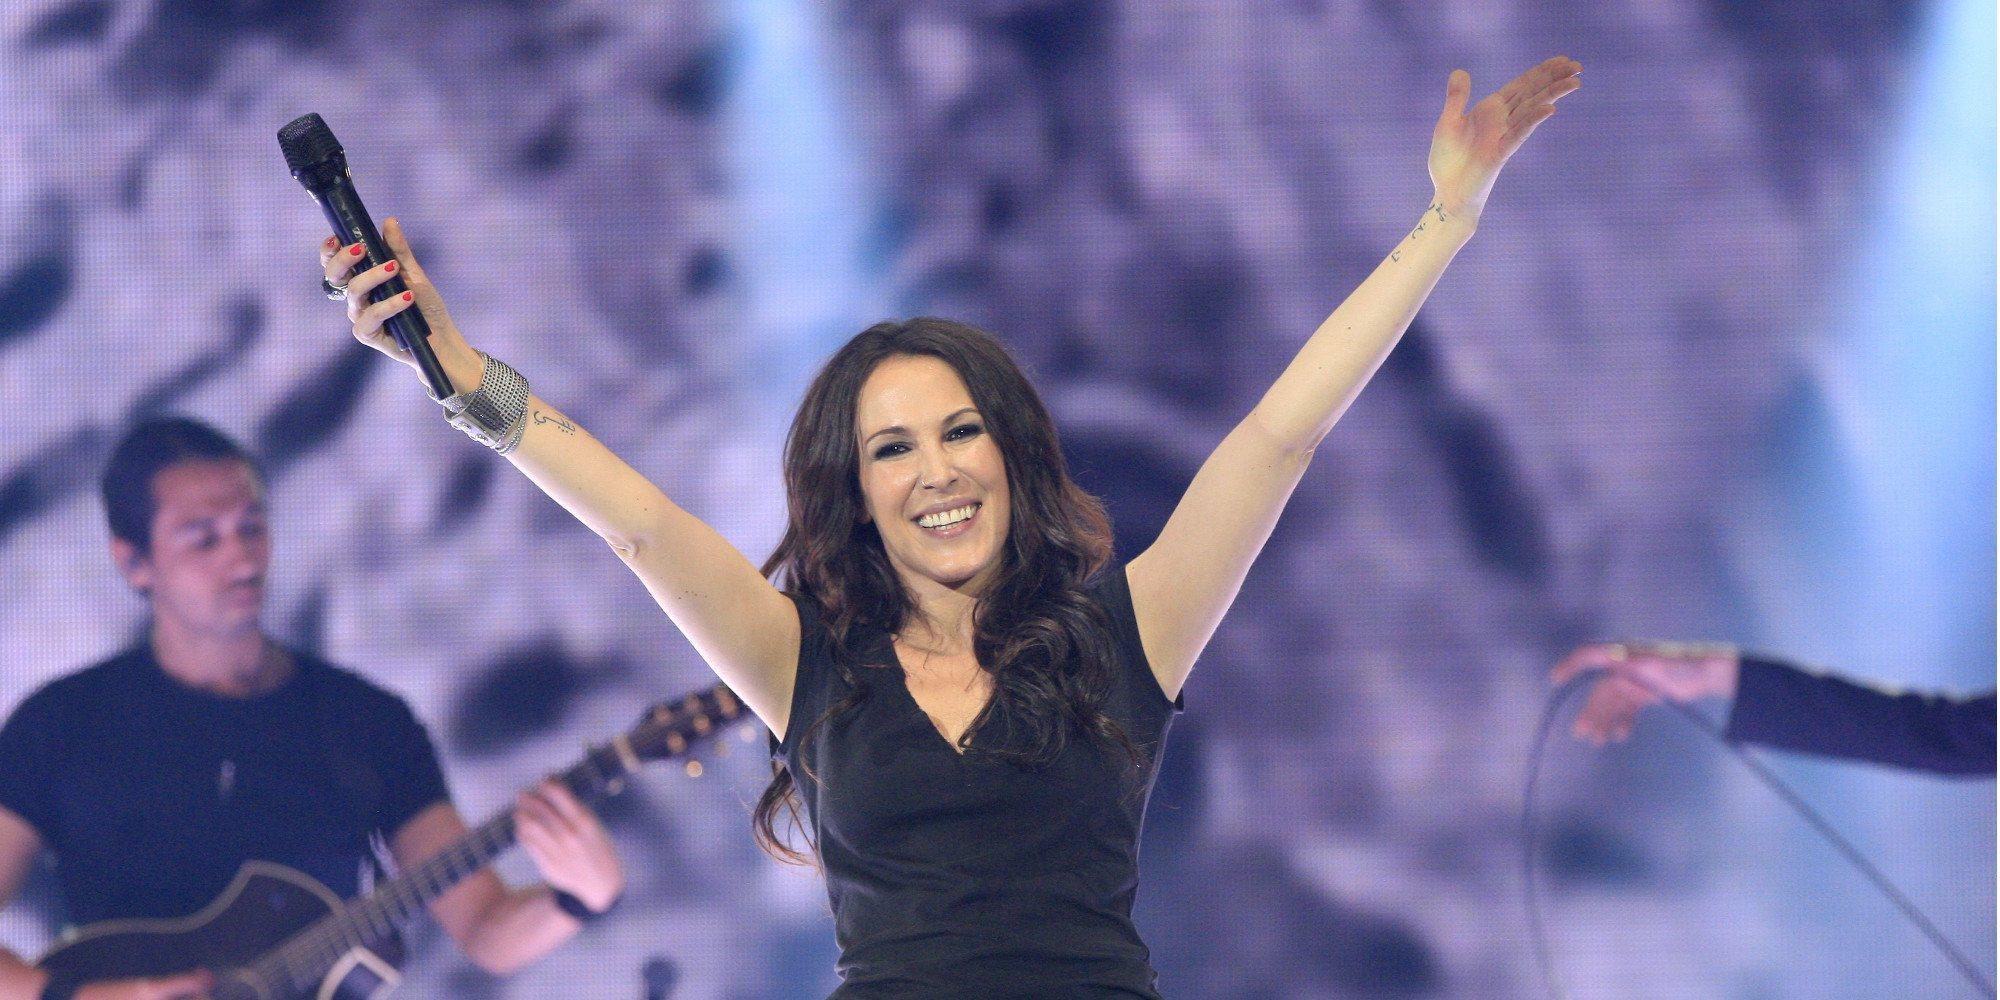 Malú, Natti Natasha y Lori Meyers protagonistas de las novedades musicales de la semana